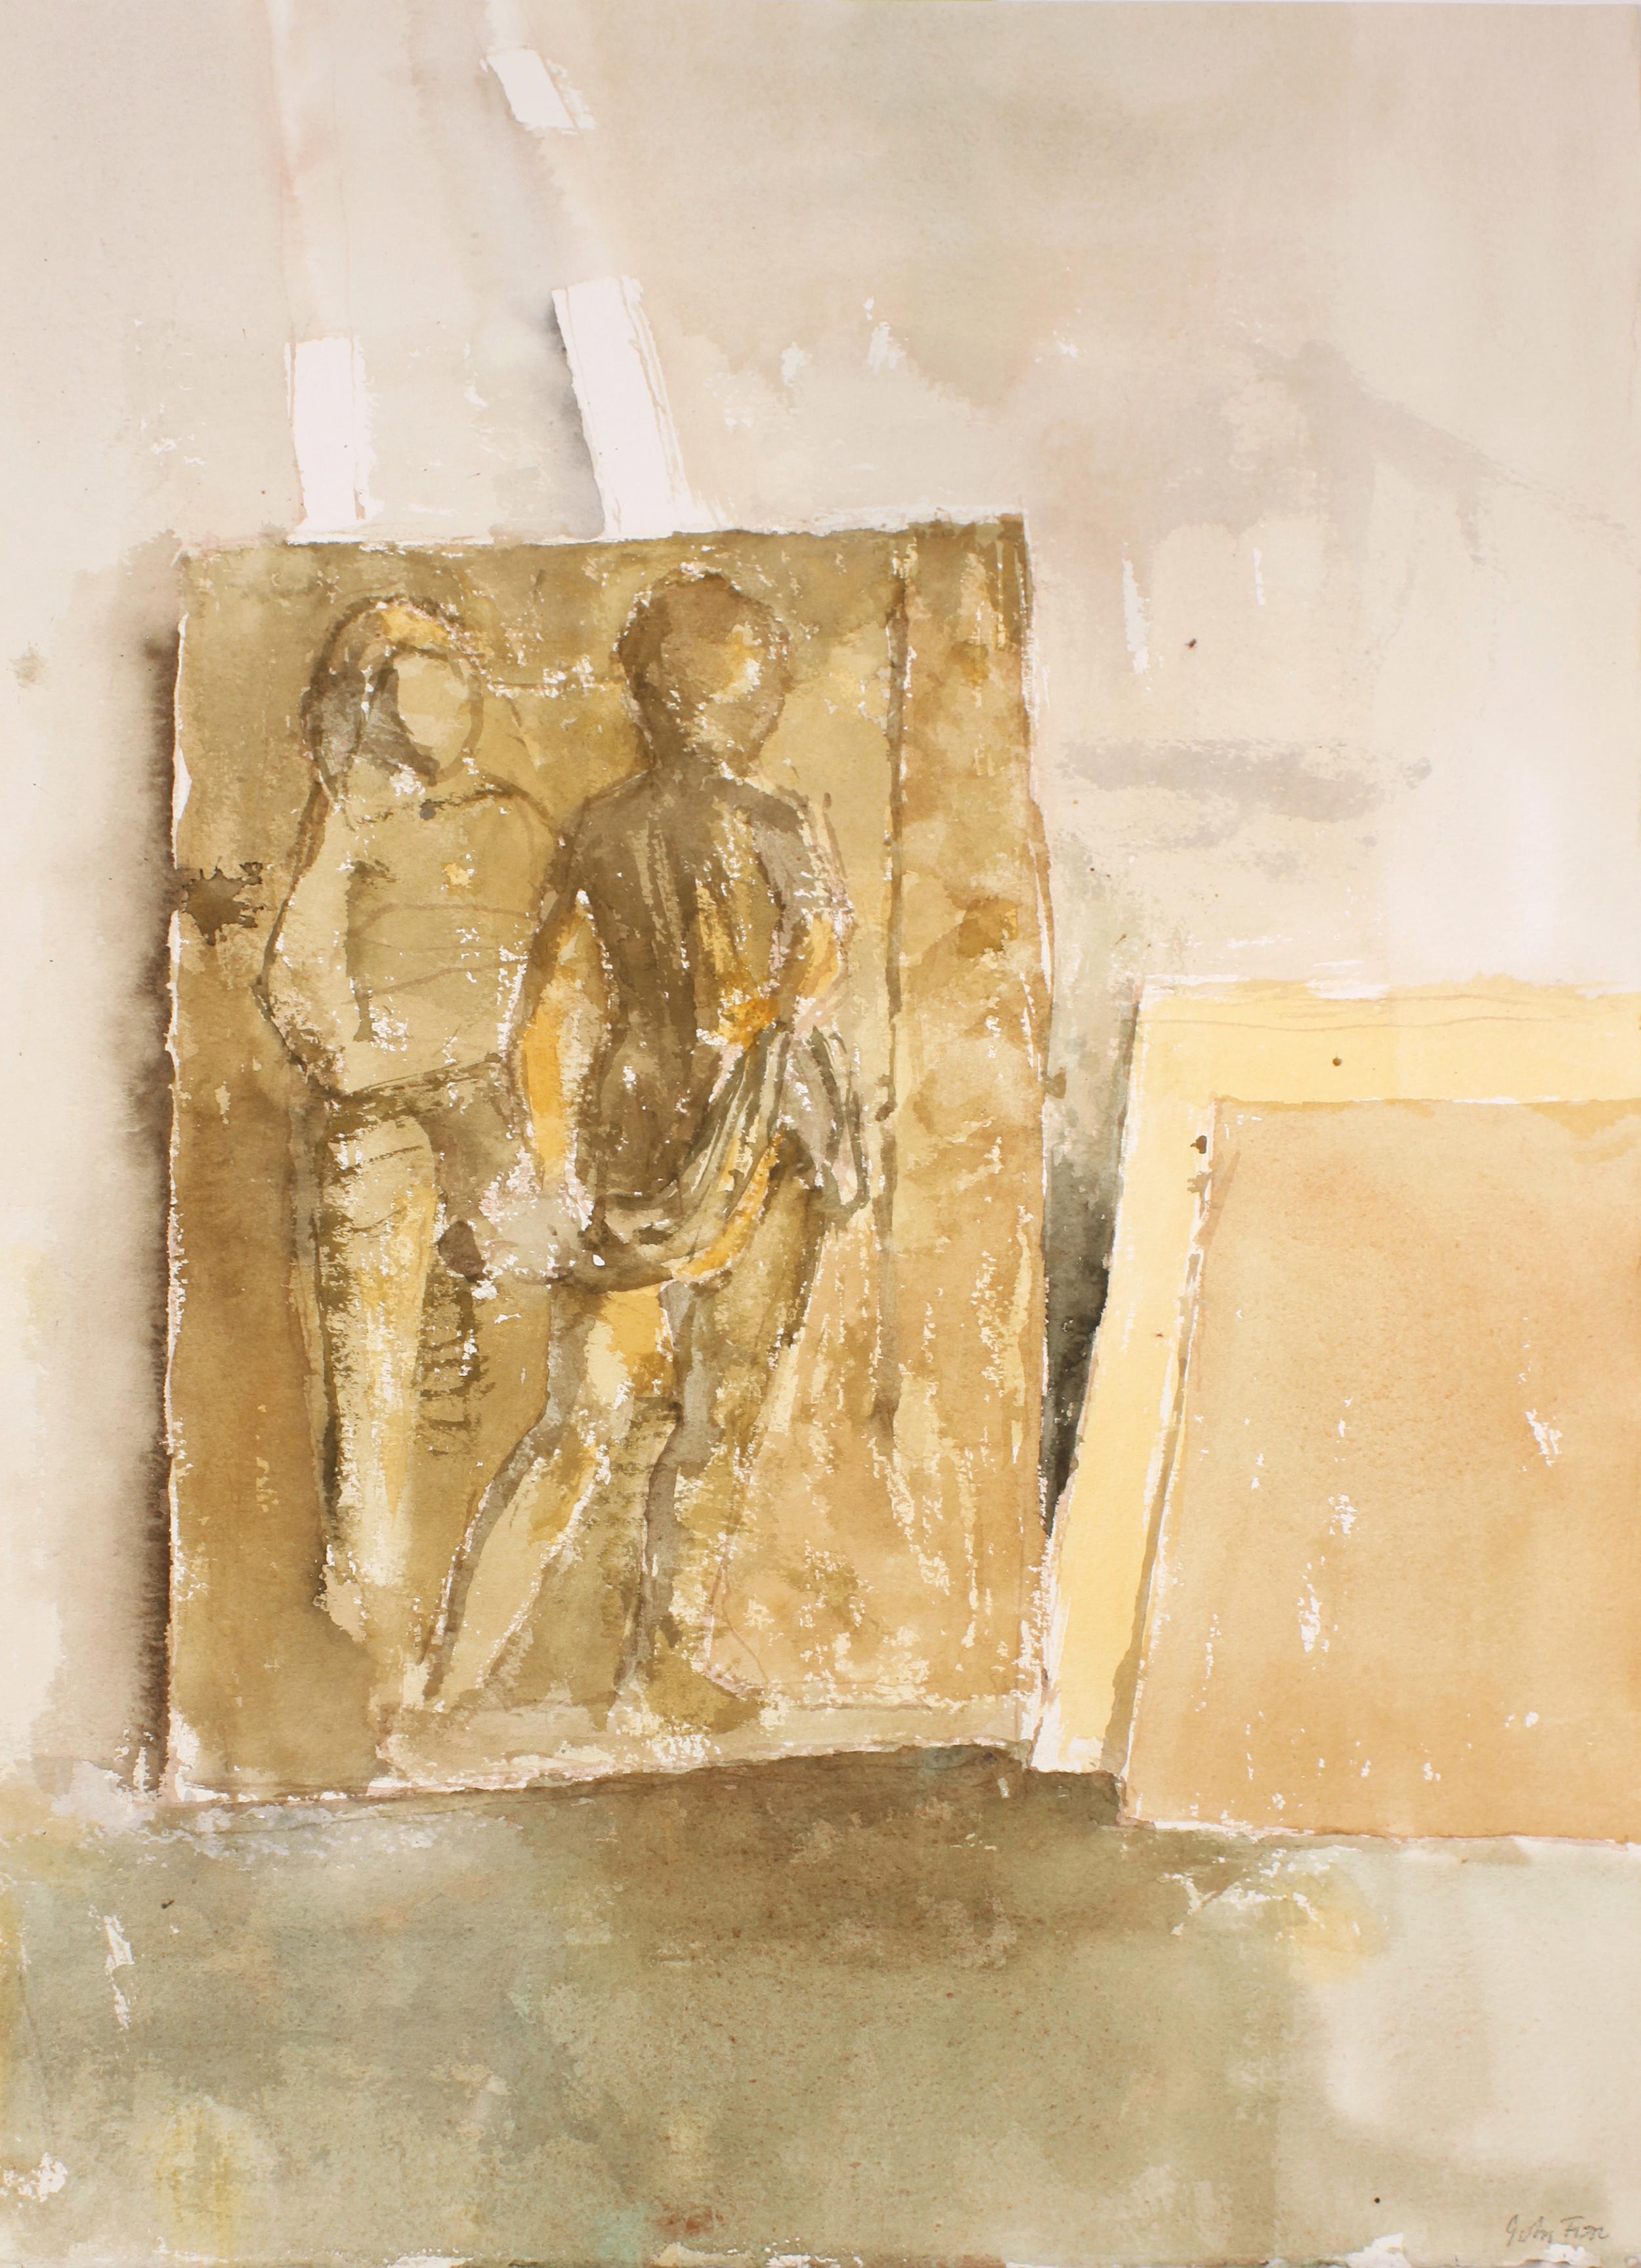 Relief Sculpture in Studio